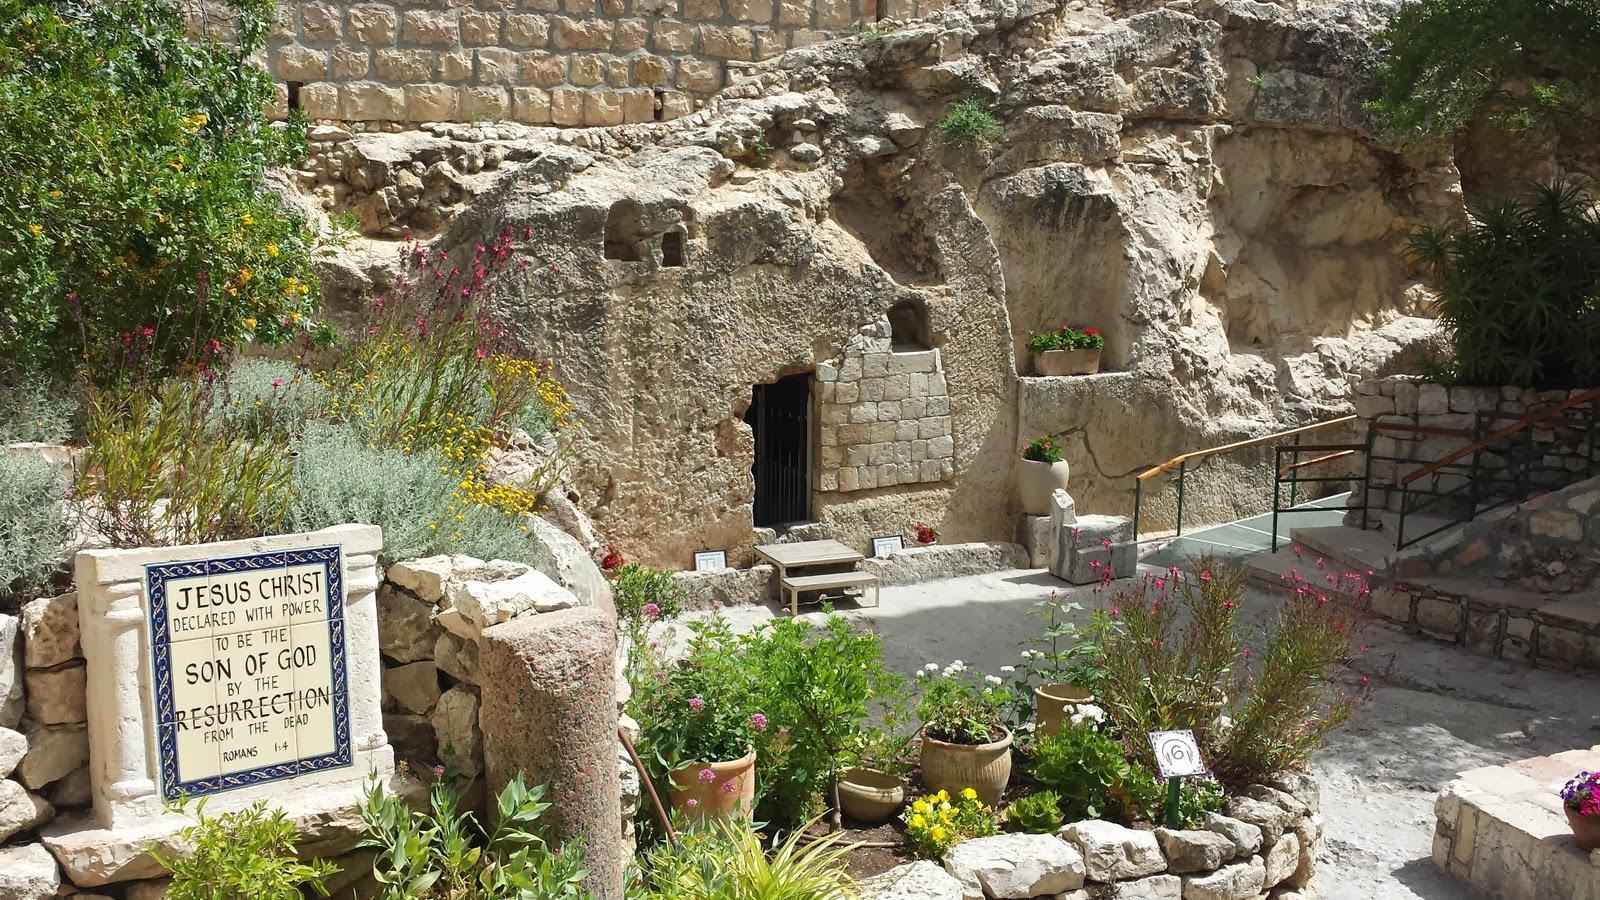 Schiță de predică: Veşti bune din cimitir